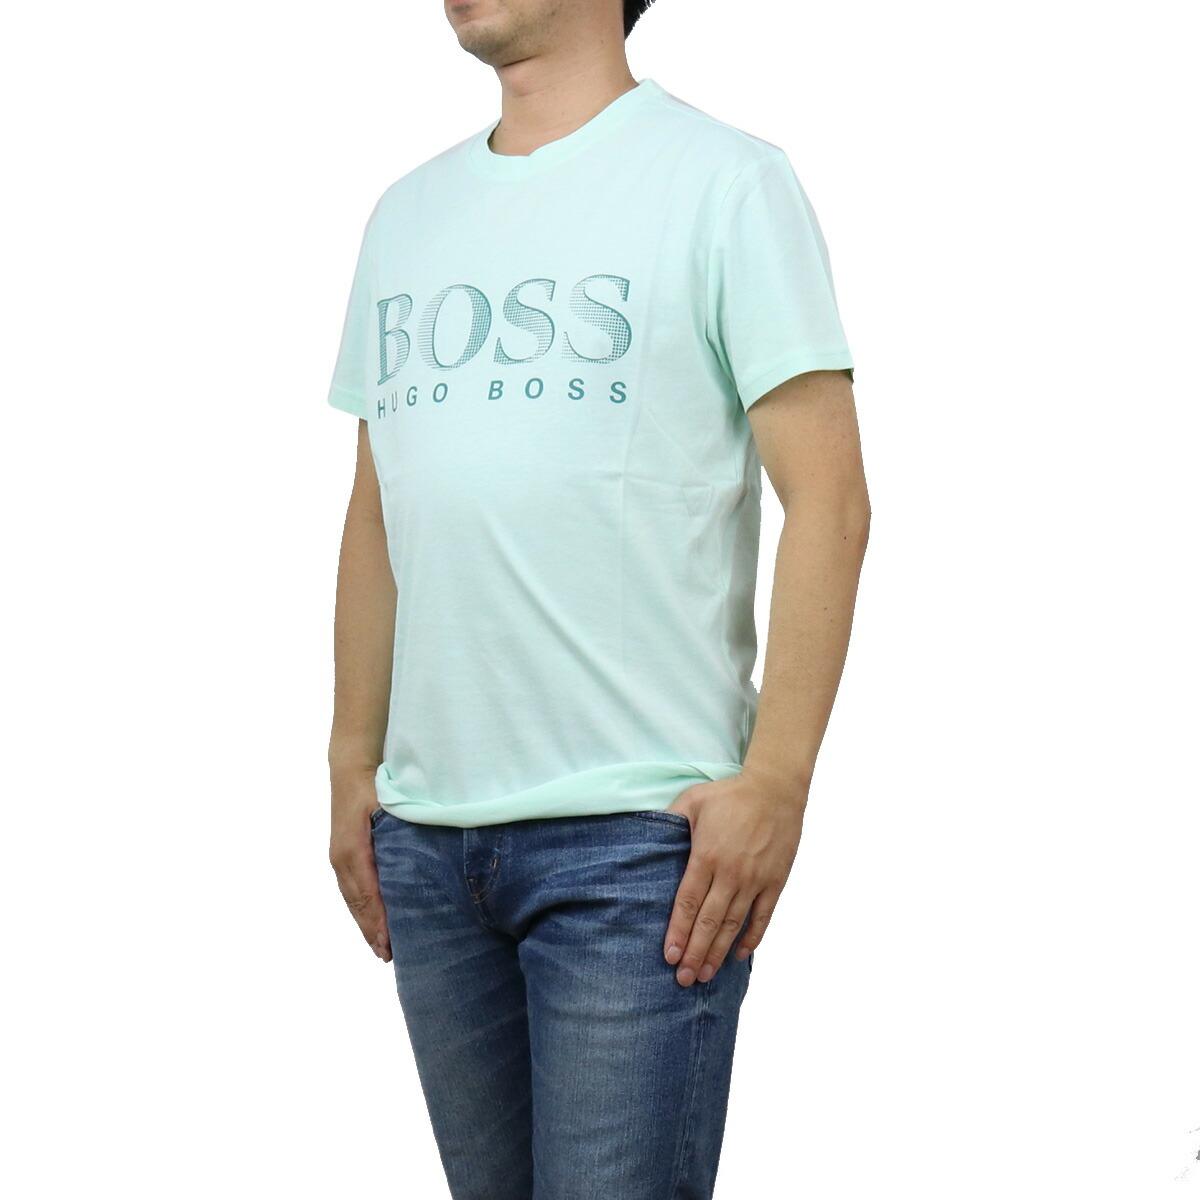 ヒューゴ・ボス HUGO BOSS  メンズ-Tシャツ 50407774 10217081 337 グリーン系  ts-01 apparel-01